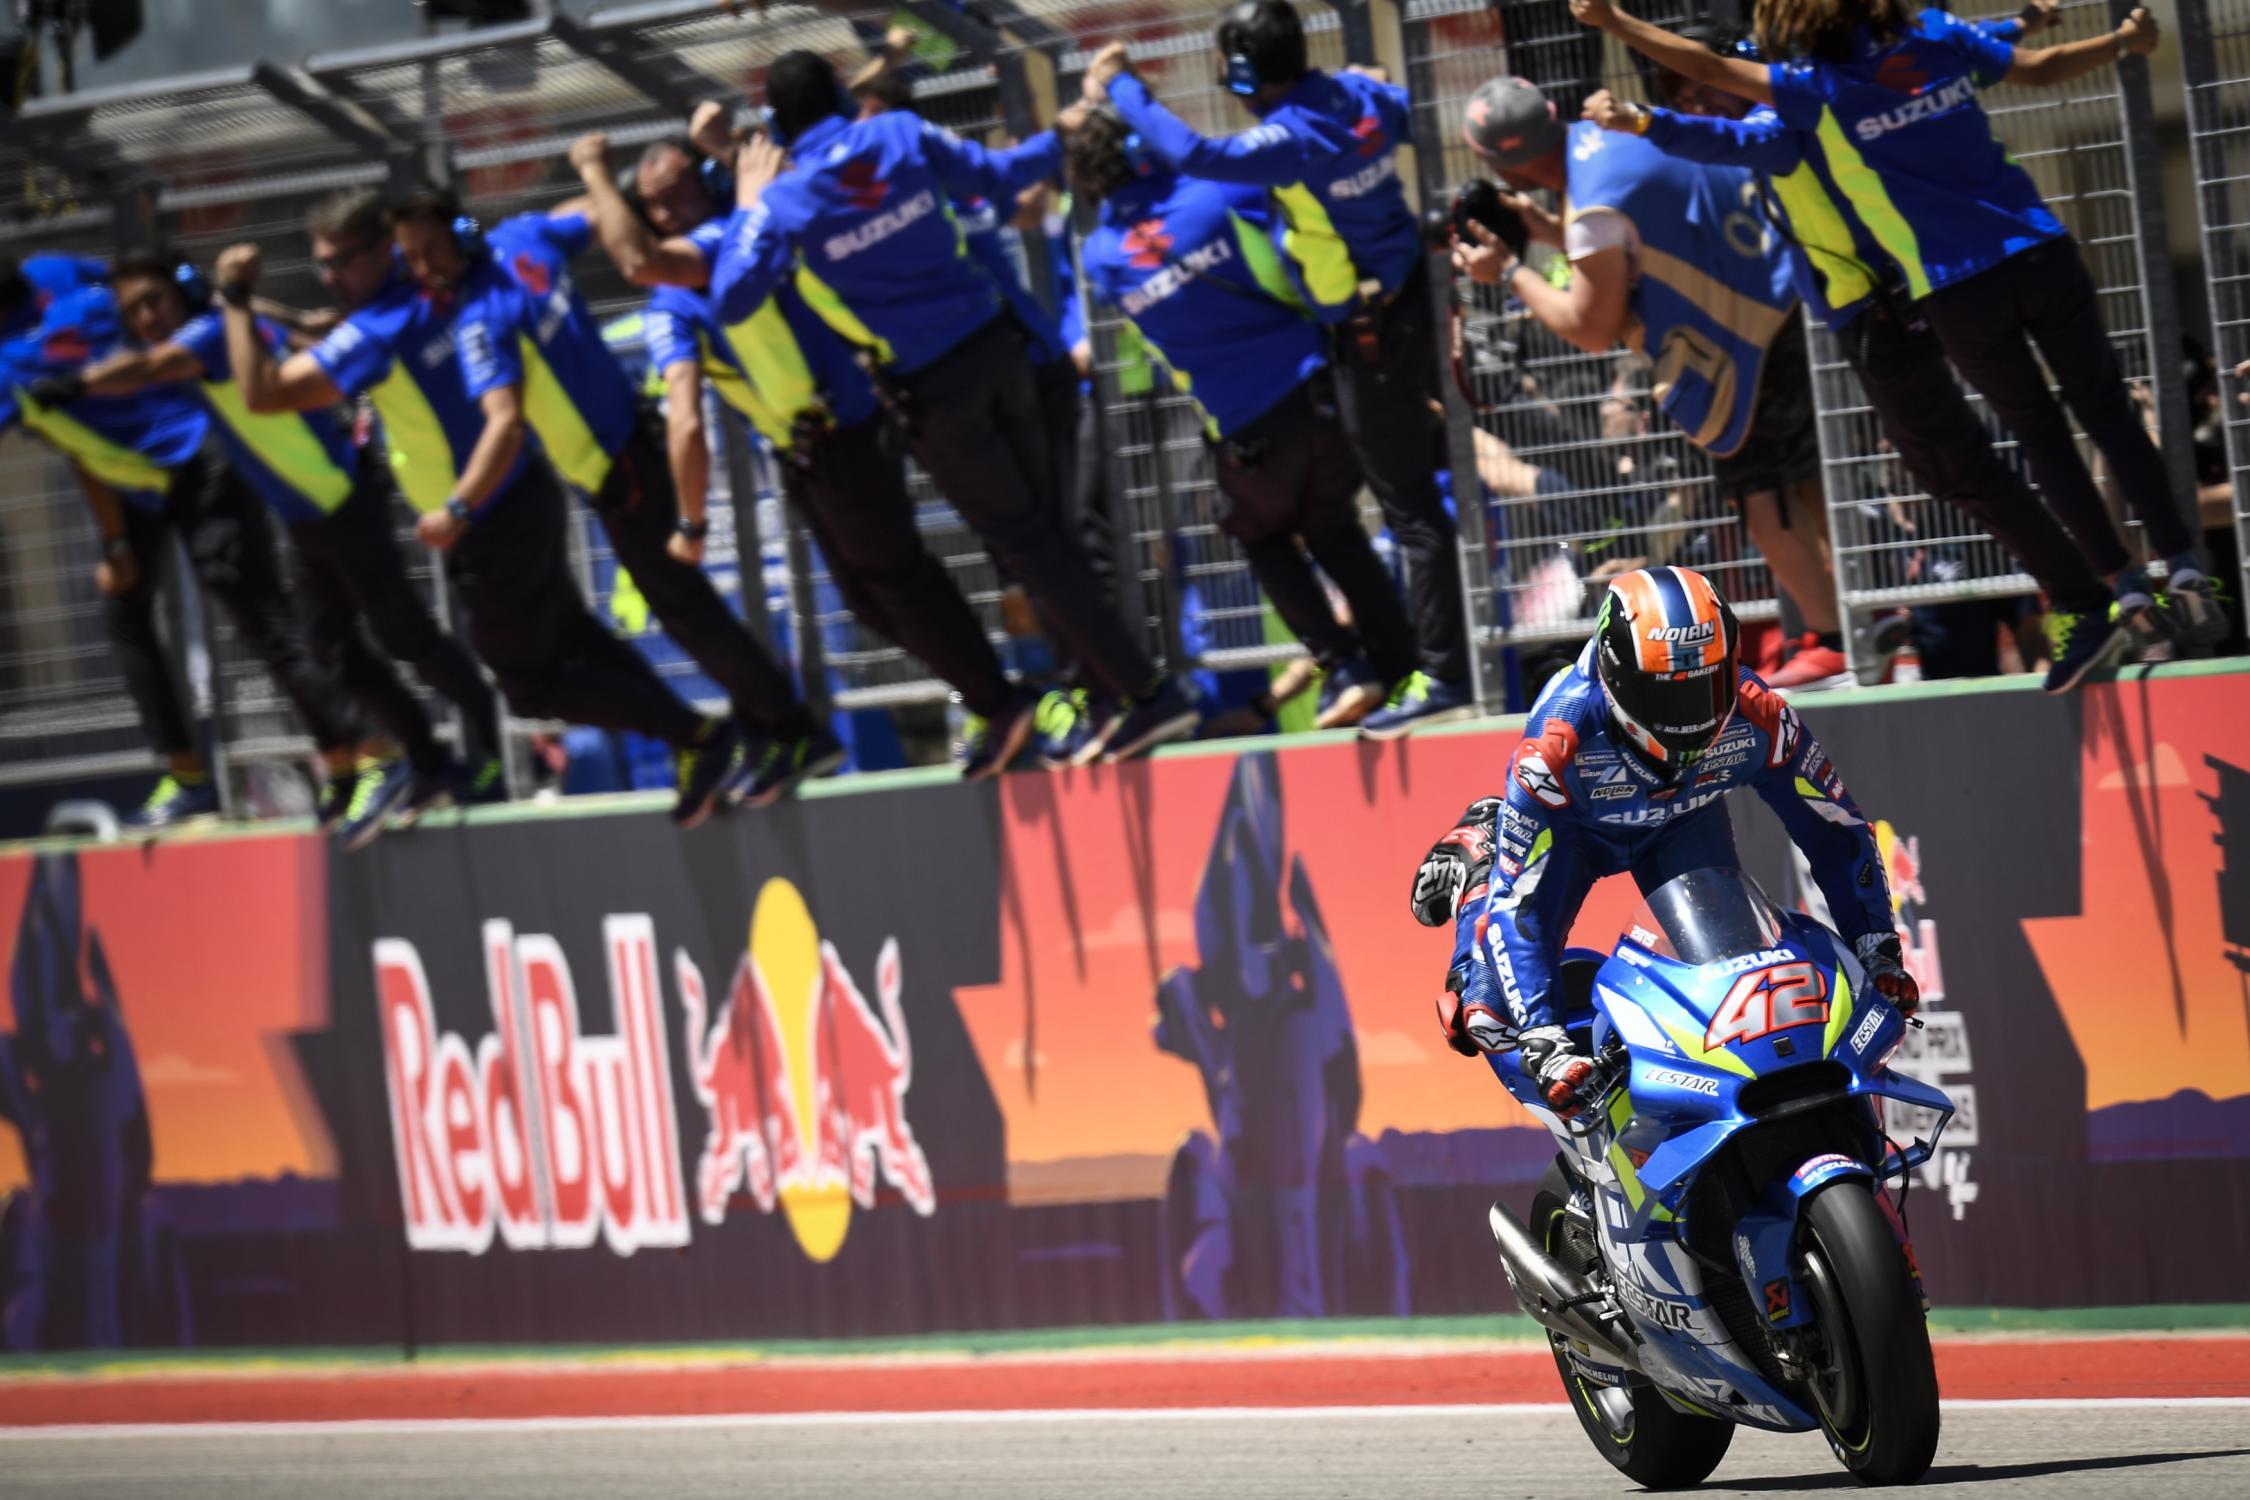 Tiga Seri Pembuka MotoGP Lahirkan Juara Berbeda